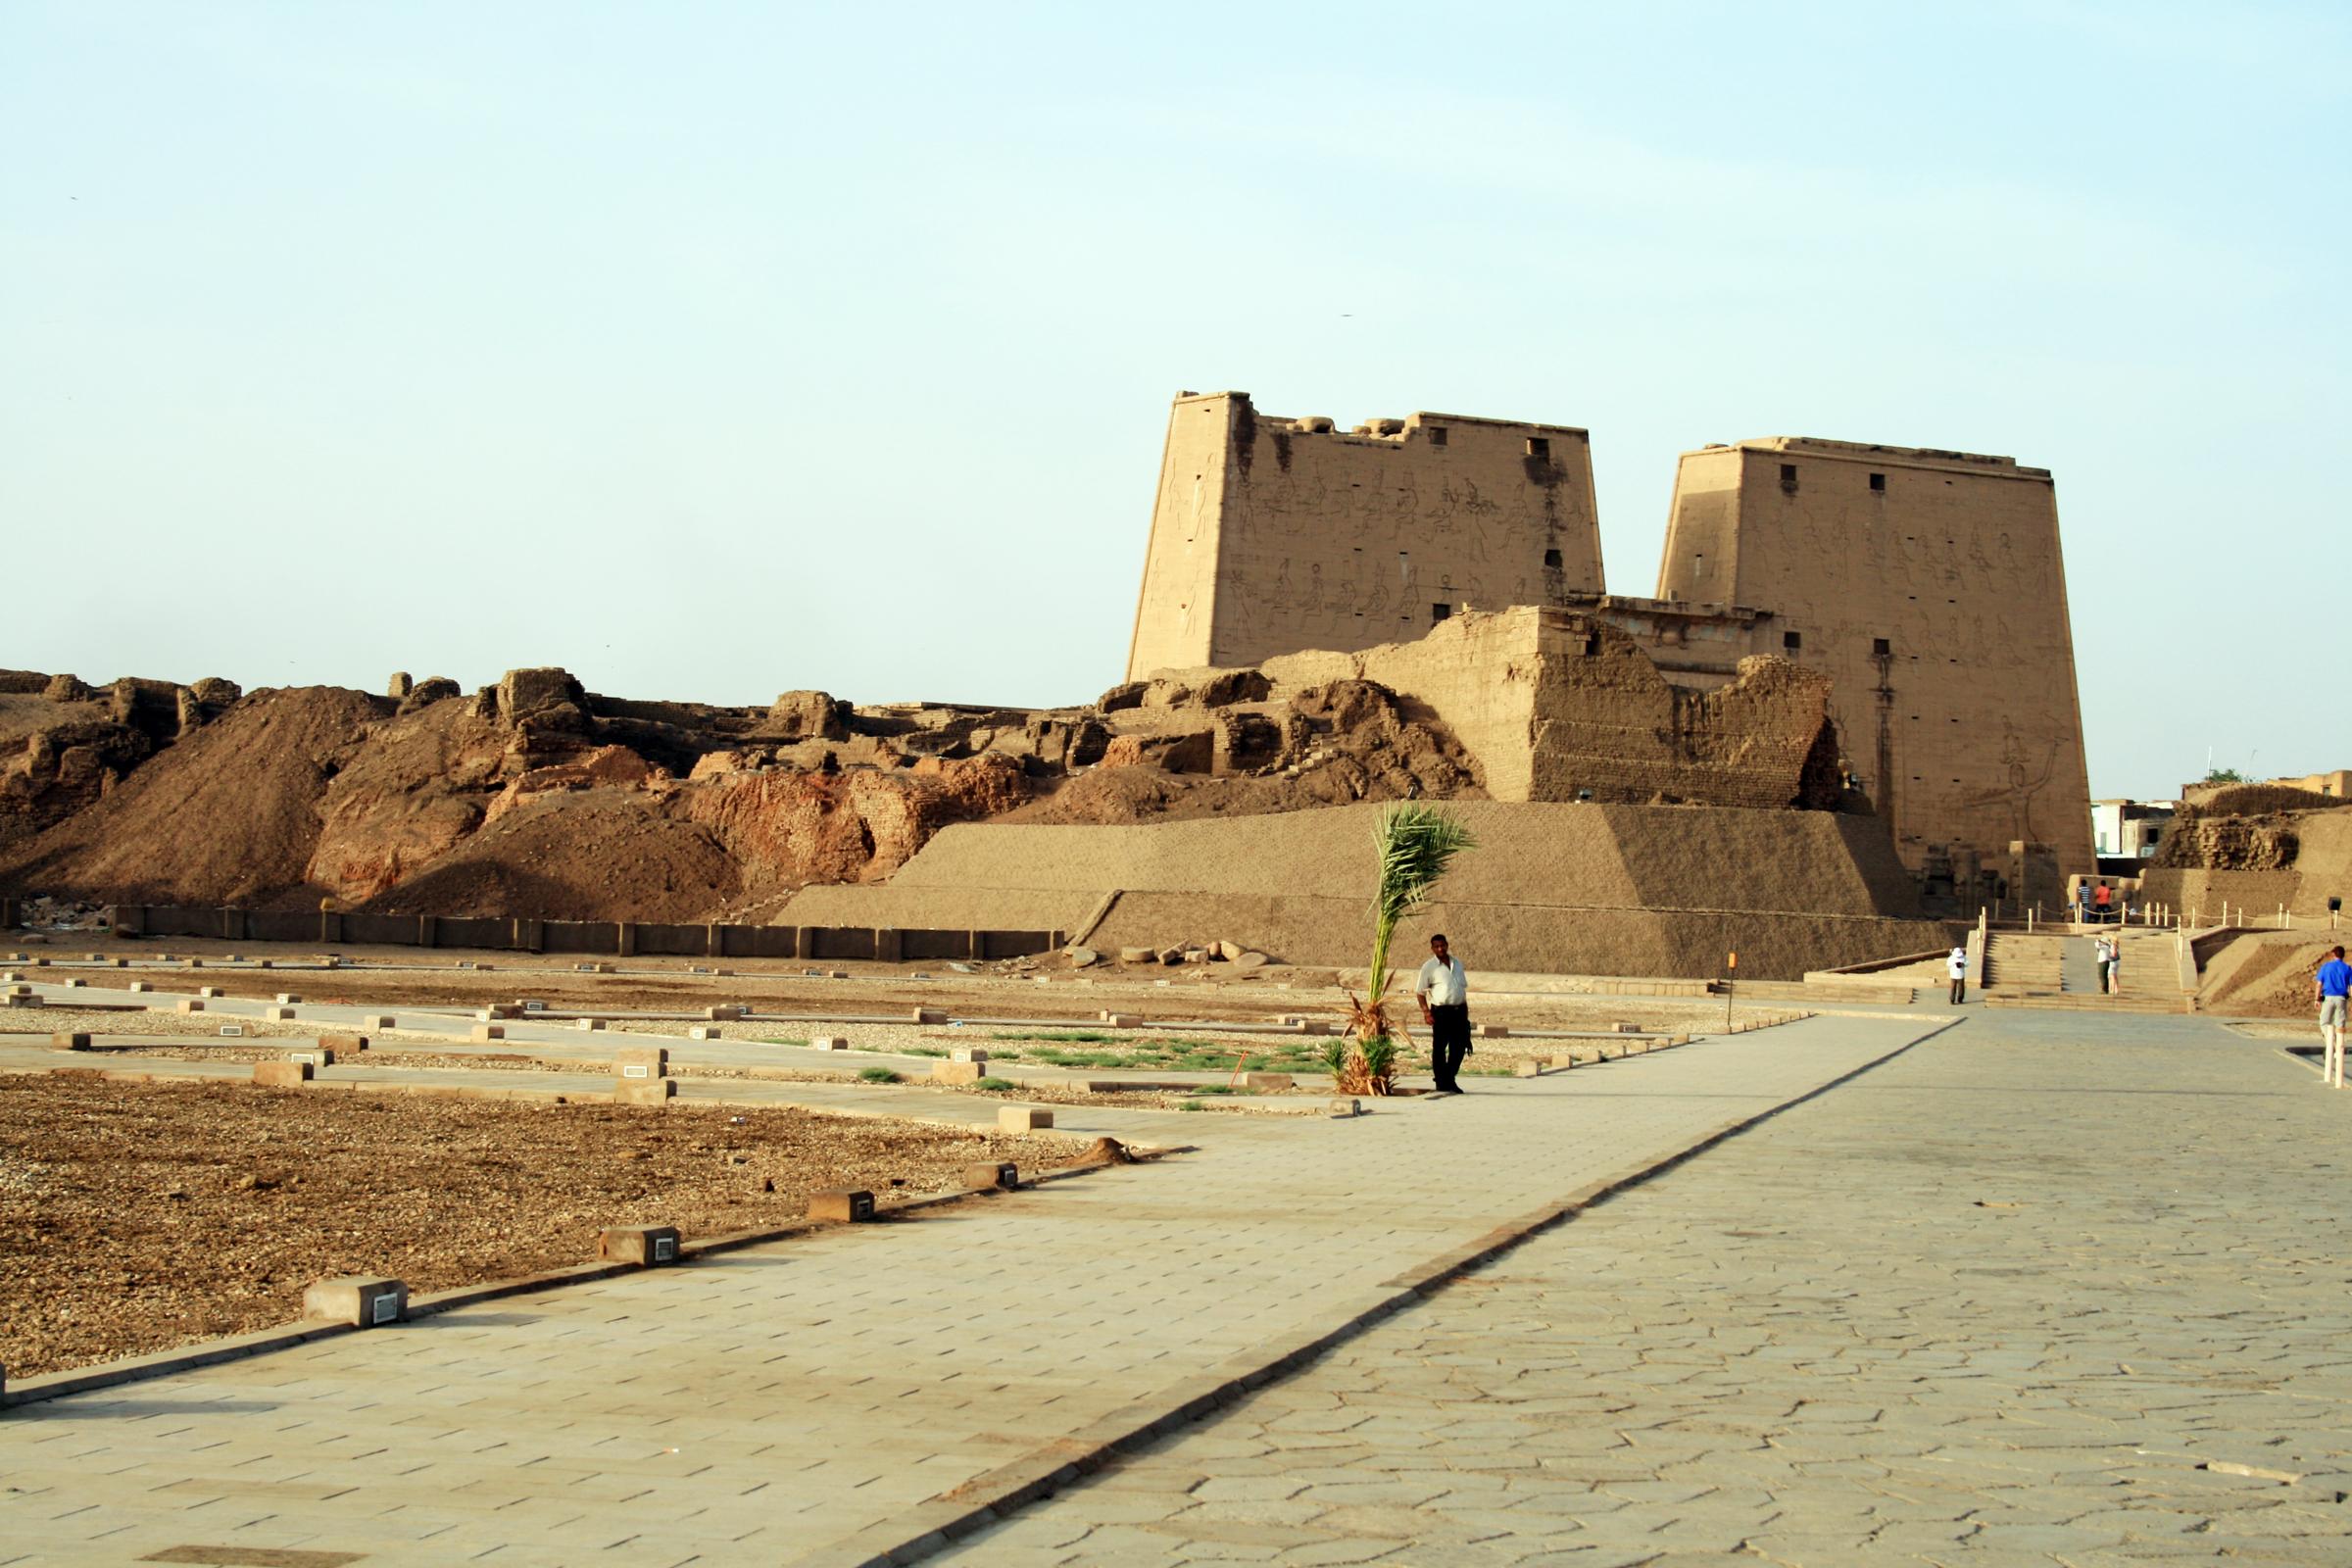 المصرية القديمة في حالة ليست بالكاملة . تاريخ بناء معبد